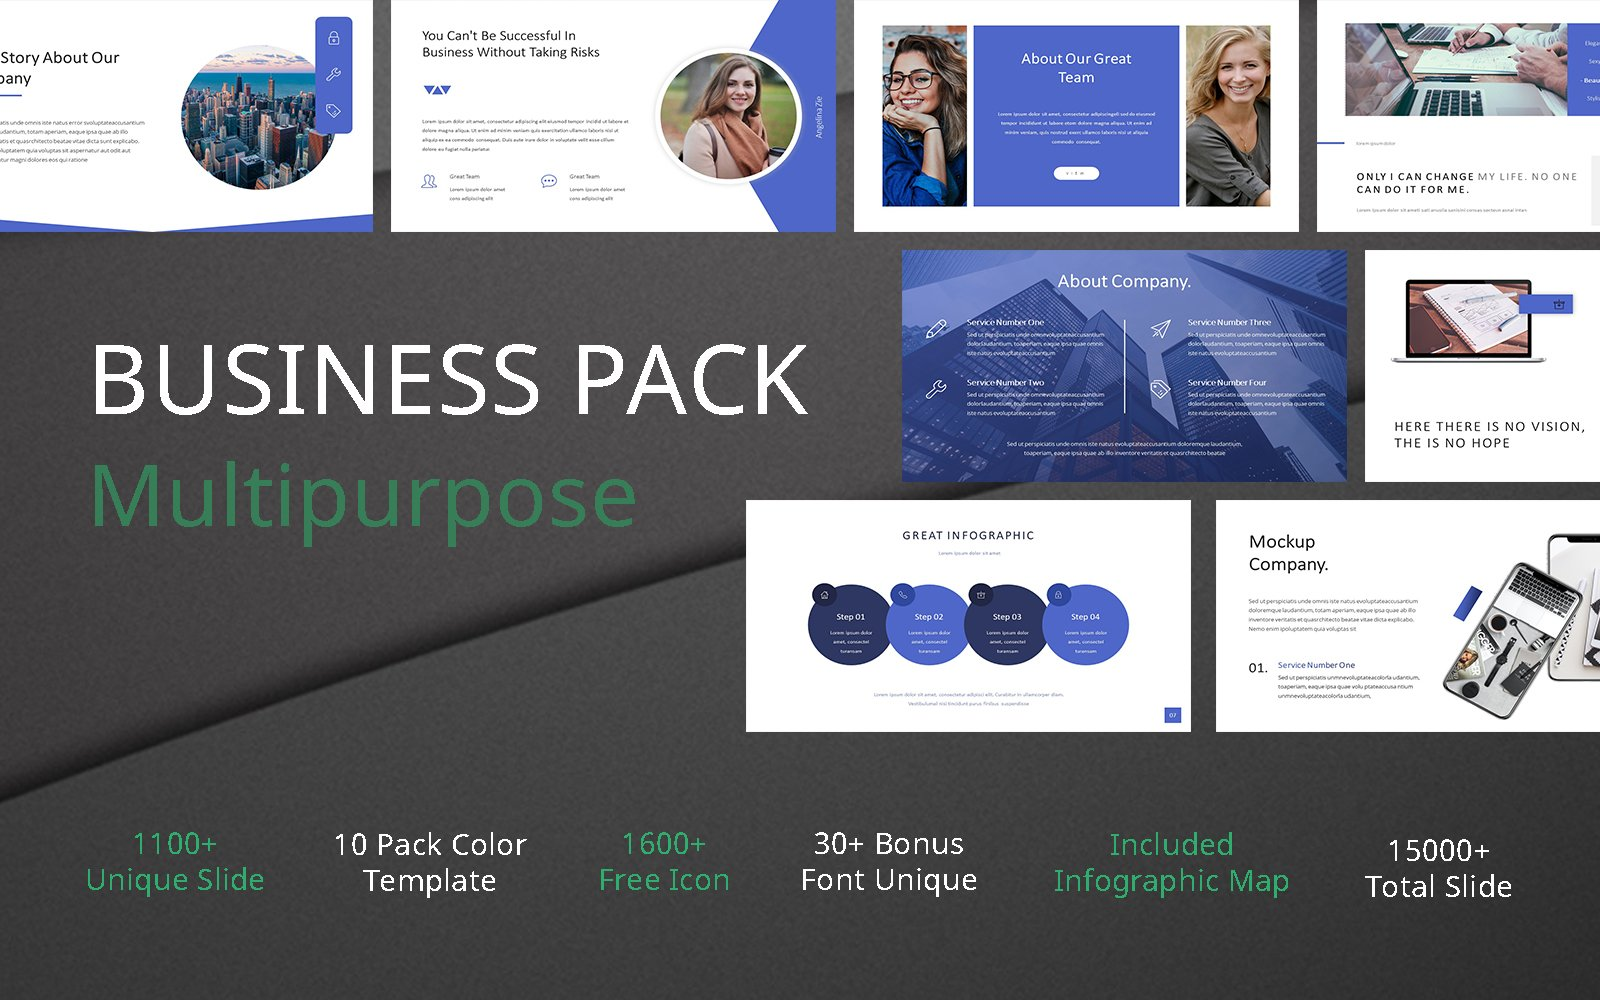 Business Pack Multipurpose Google Slides